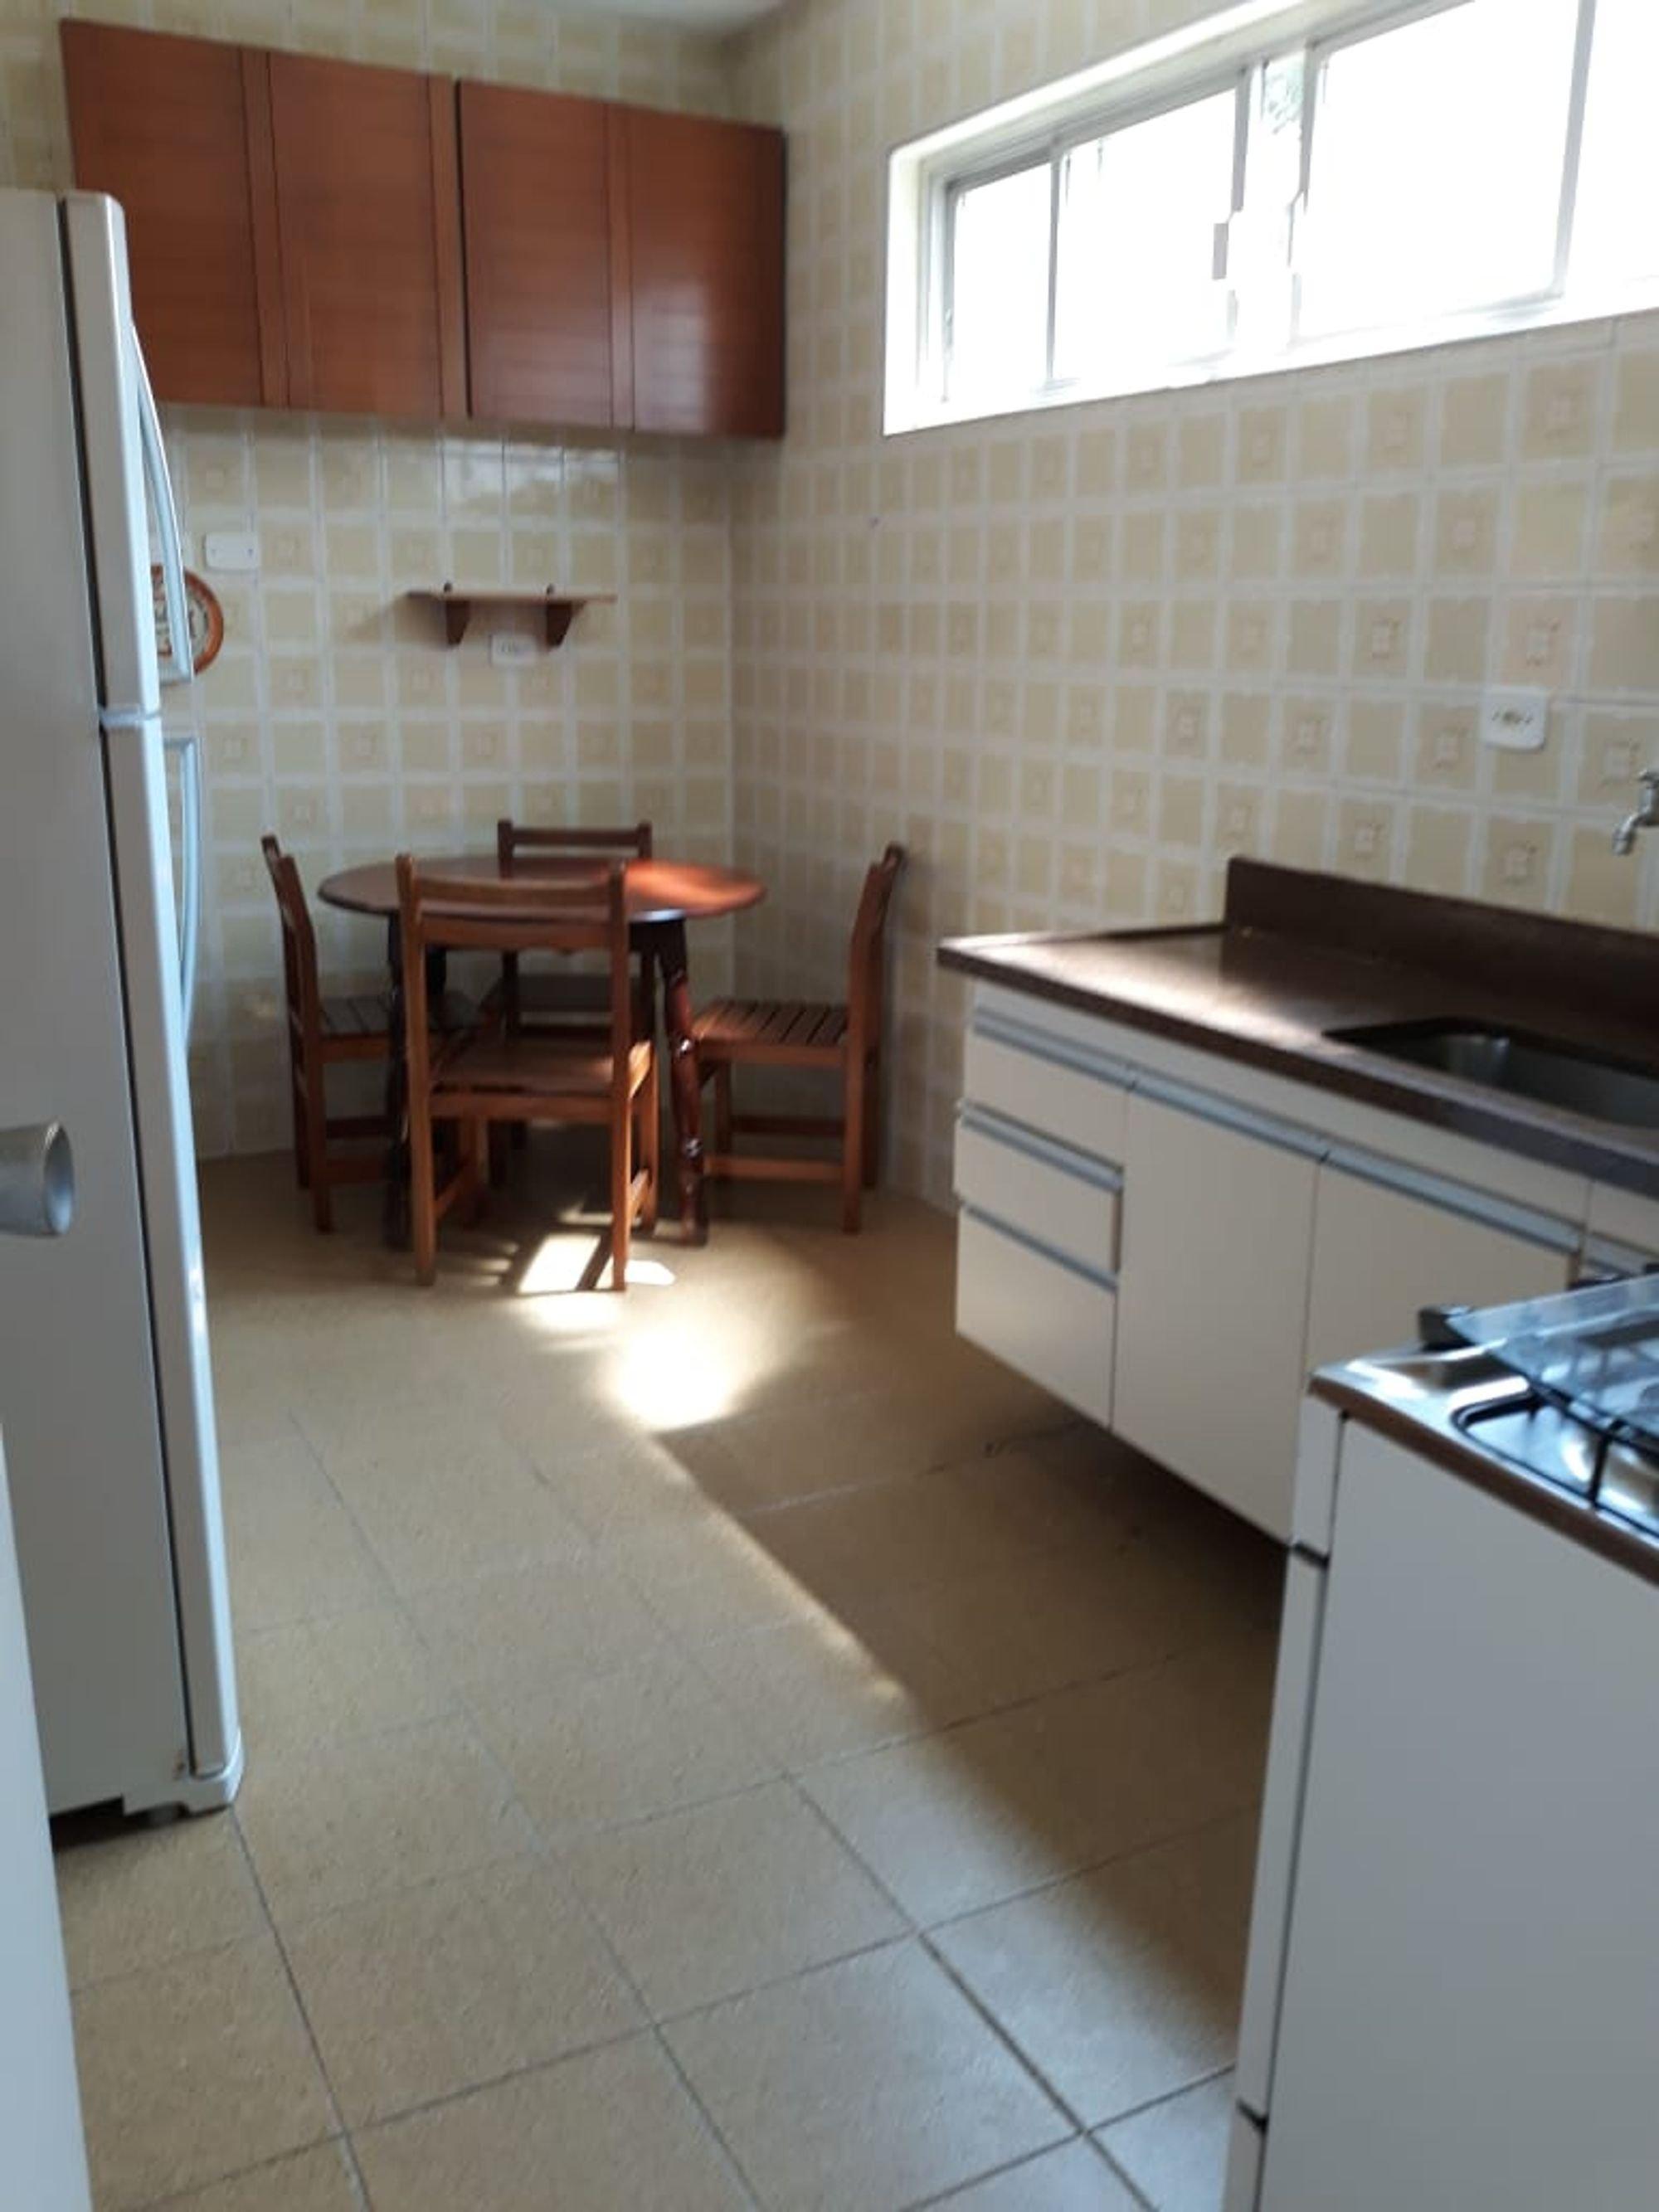 Foto de Cozinha com geladeira, cadeira, pia